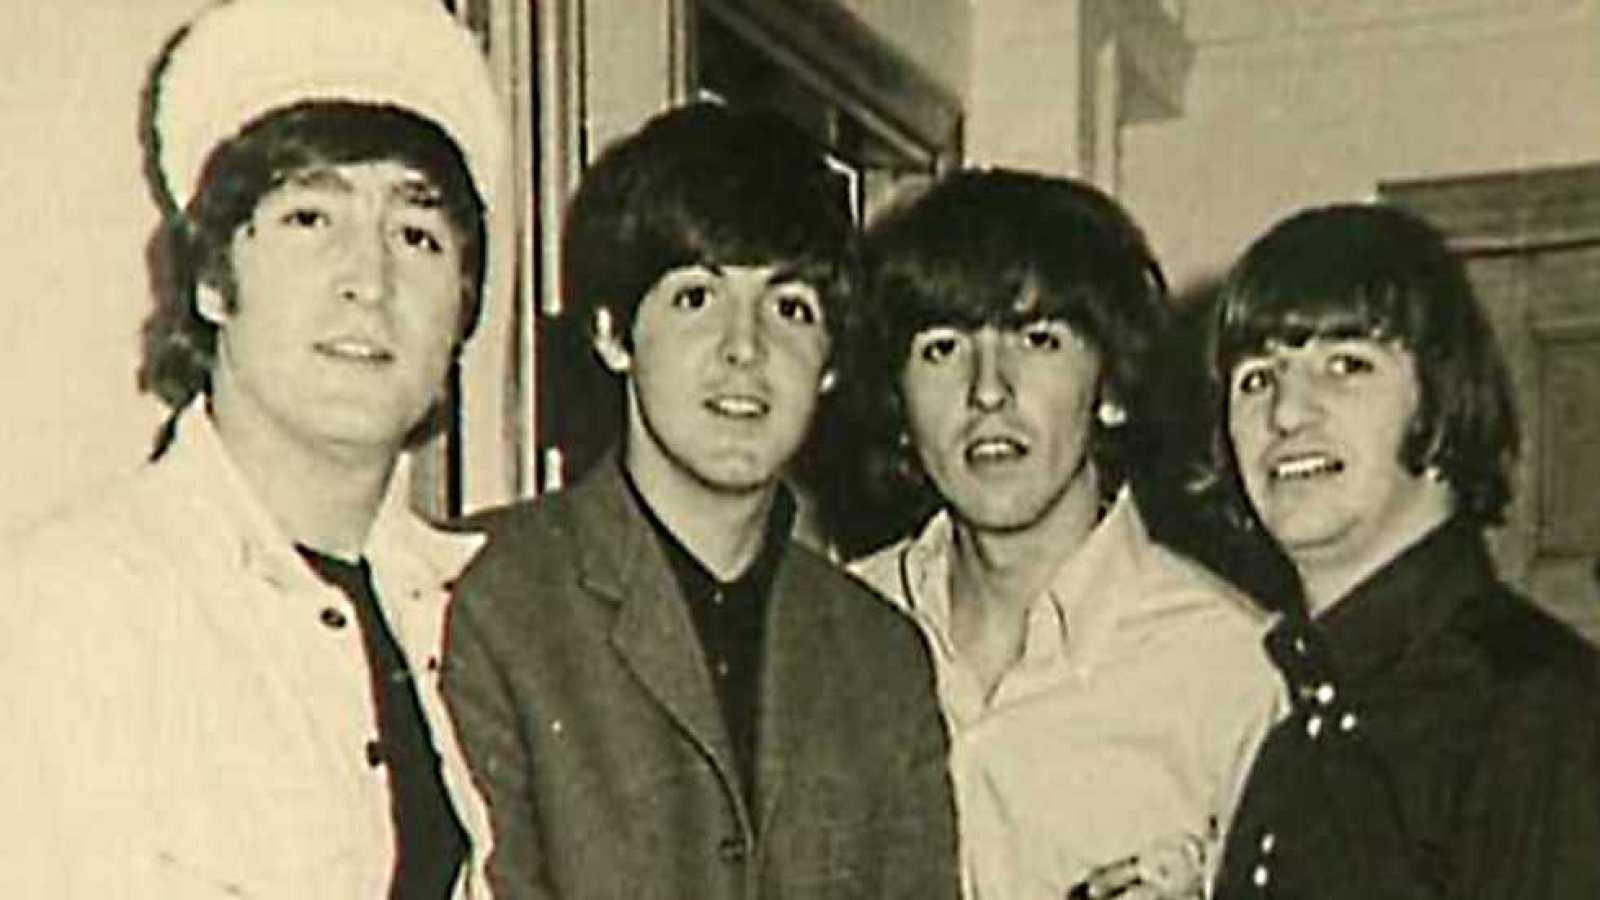 La noche temática - ¡Que vienen Los Beatles! - ver ahora